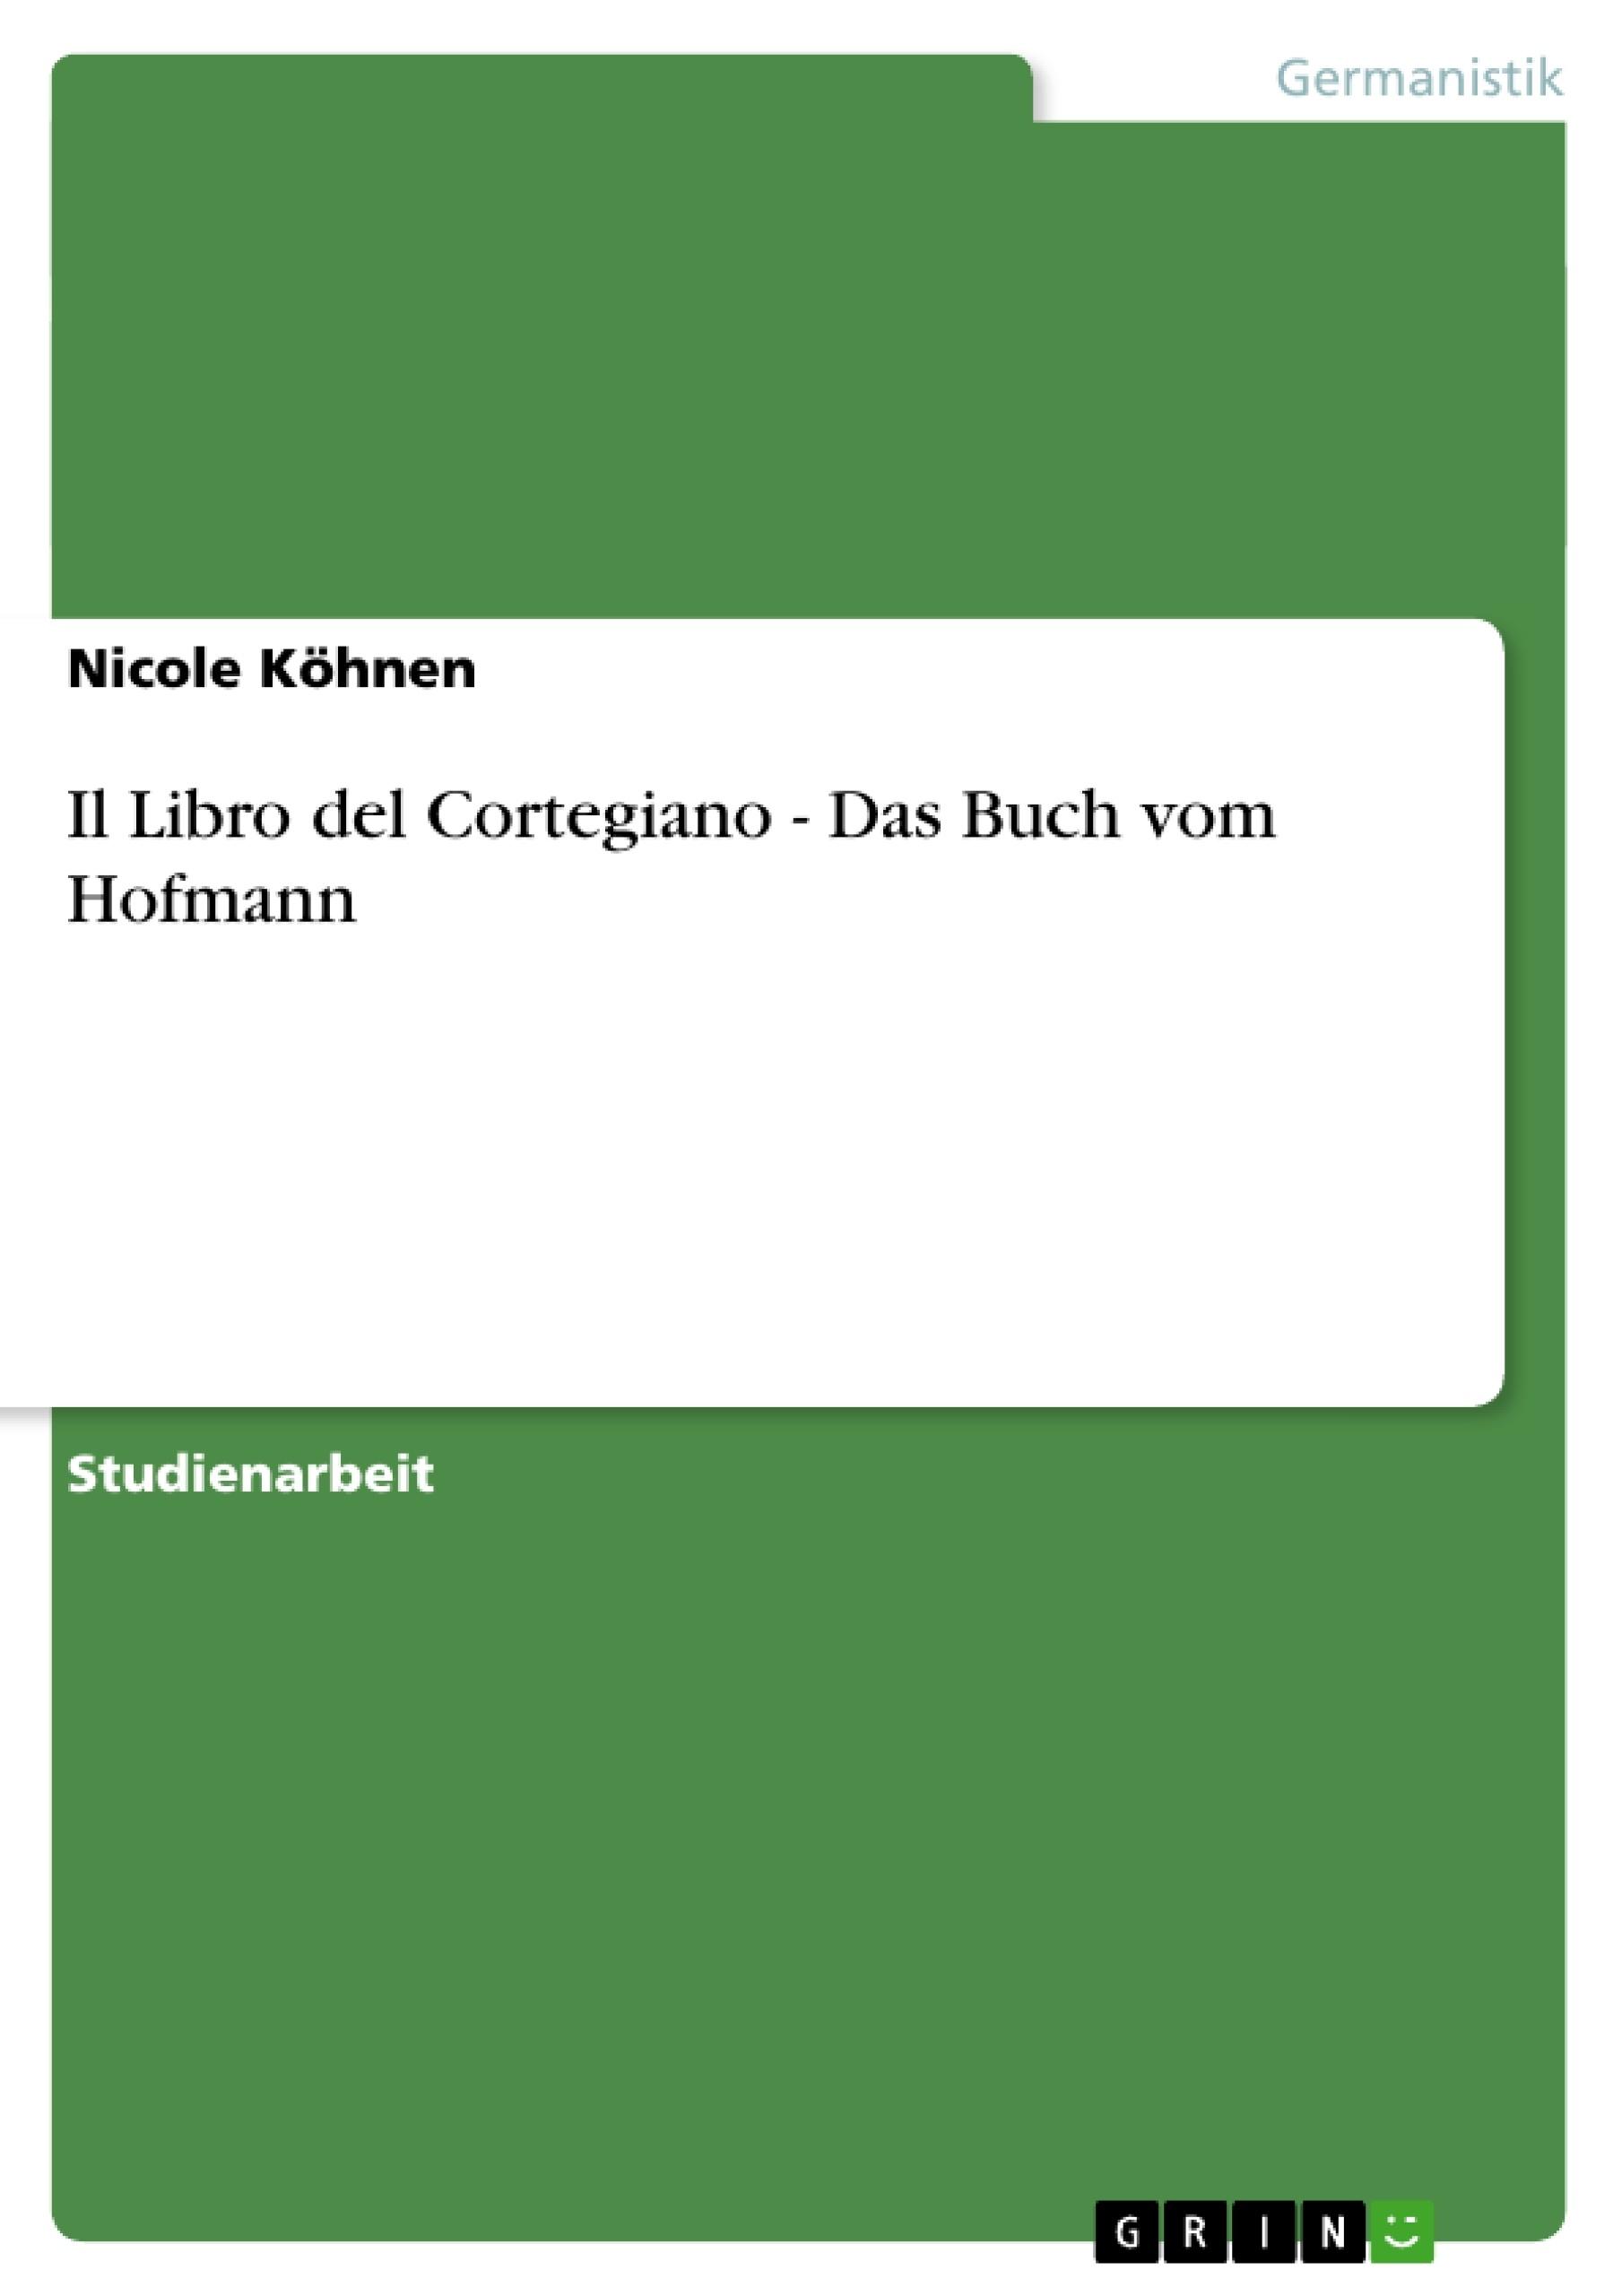 Titel: Il Libro del Cortegiano - Das Buch vom Hofmann